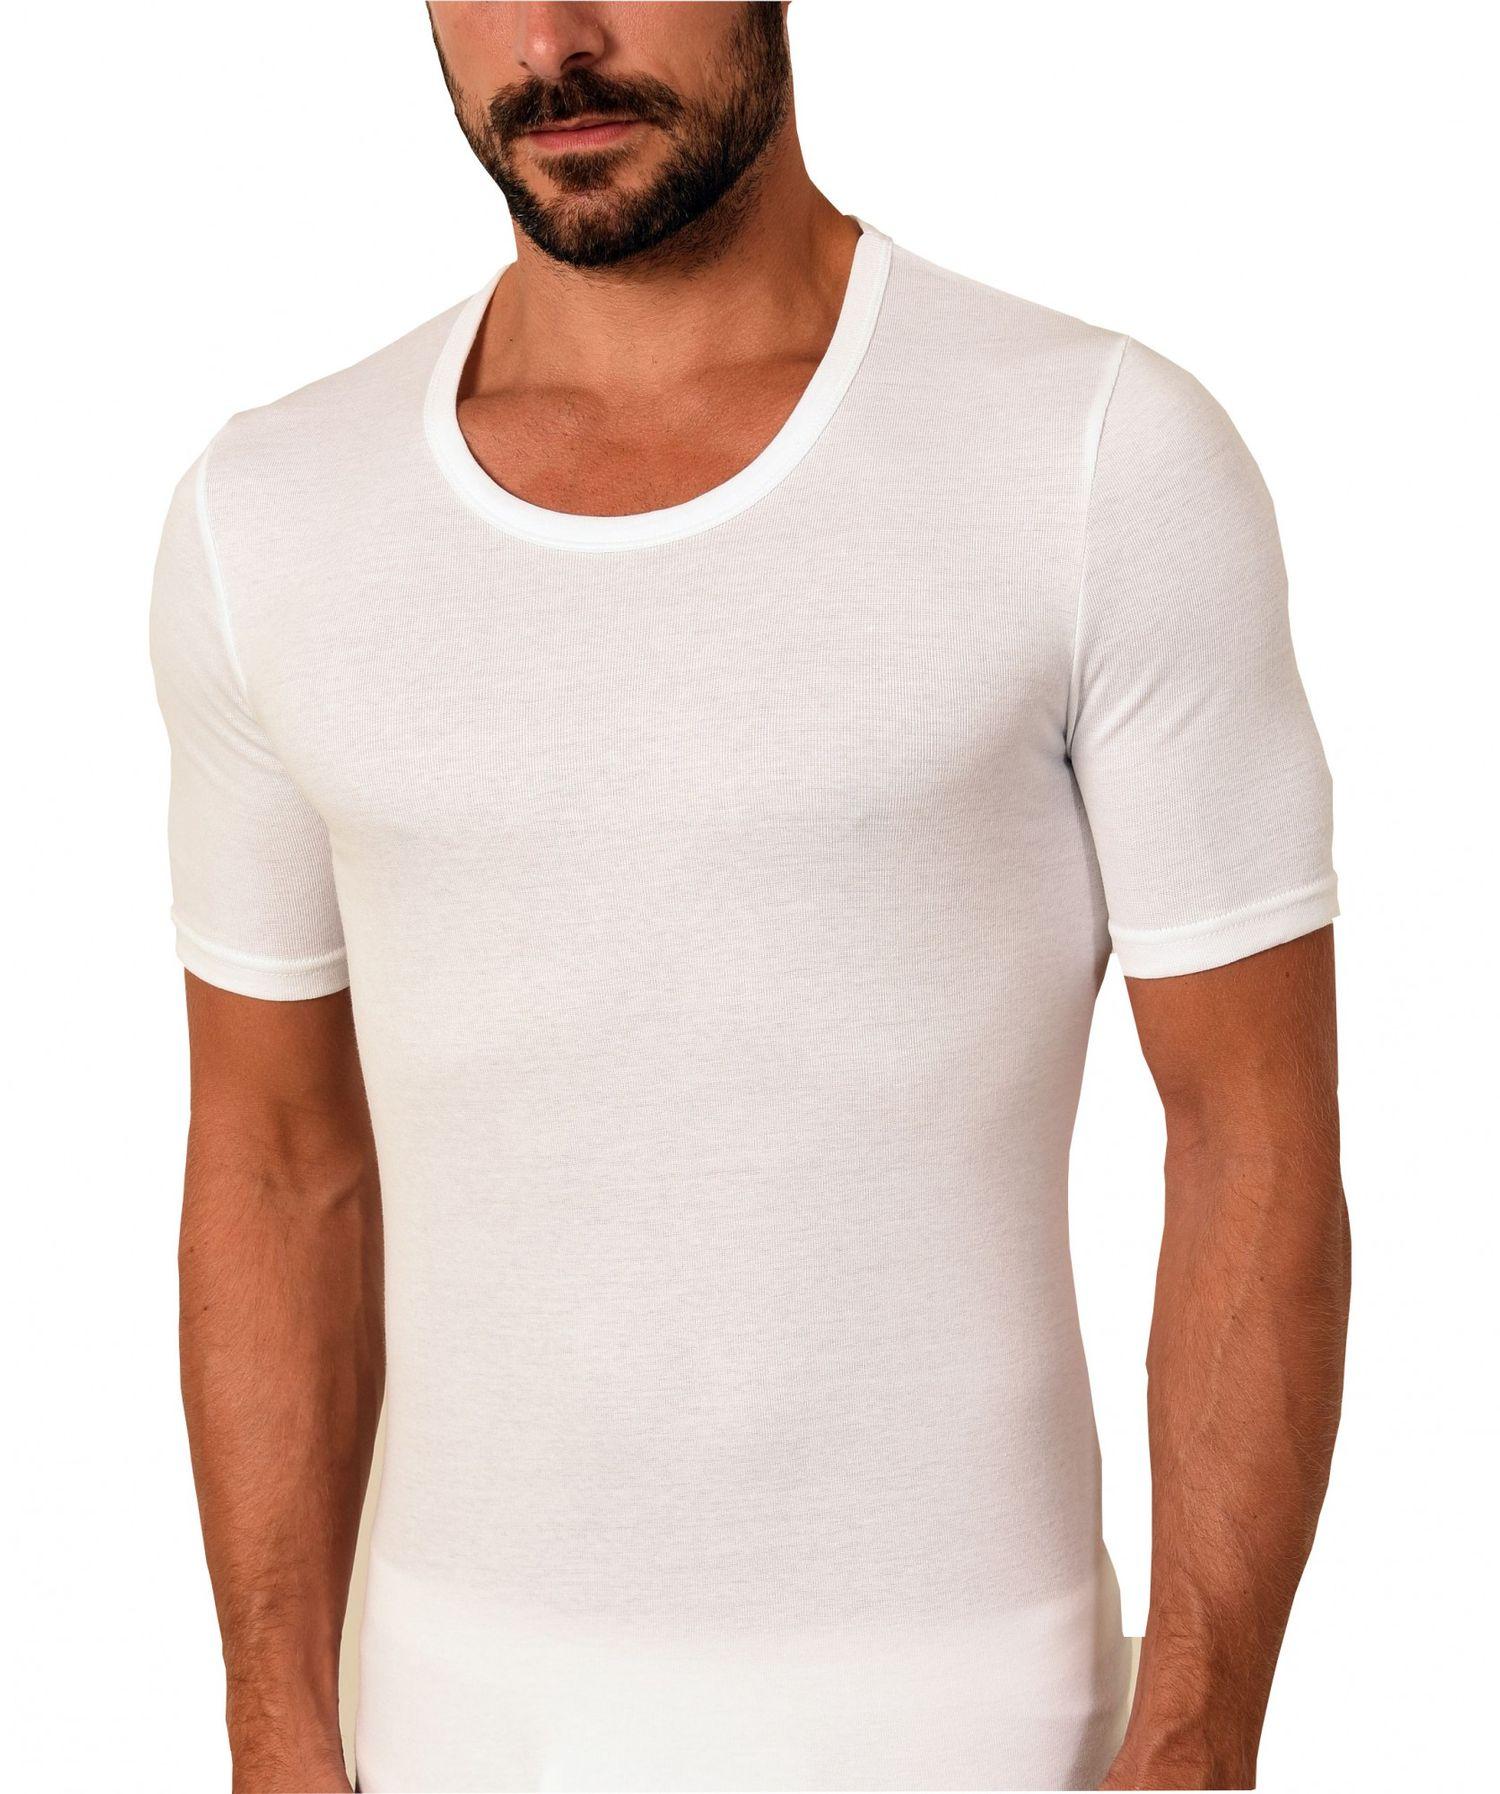 03597aa4a9 Herren Unterhemd kurzarm 1/2-Arm Feinripp 2erpack weiss Business Shirt 54967